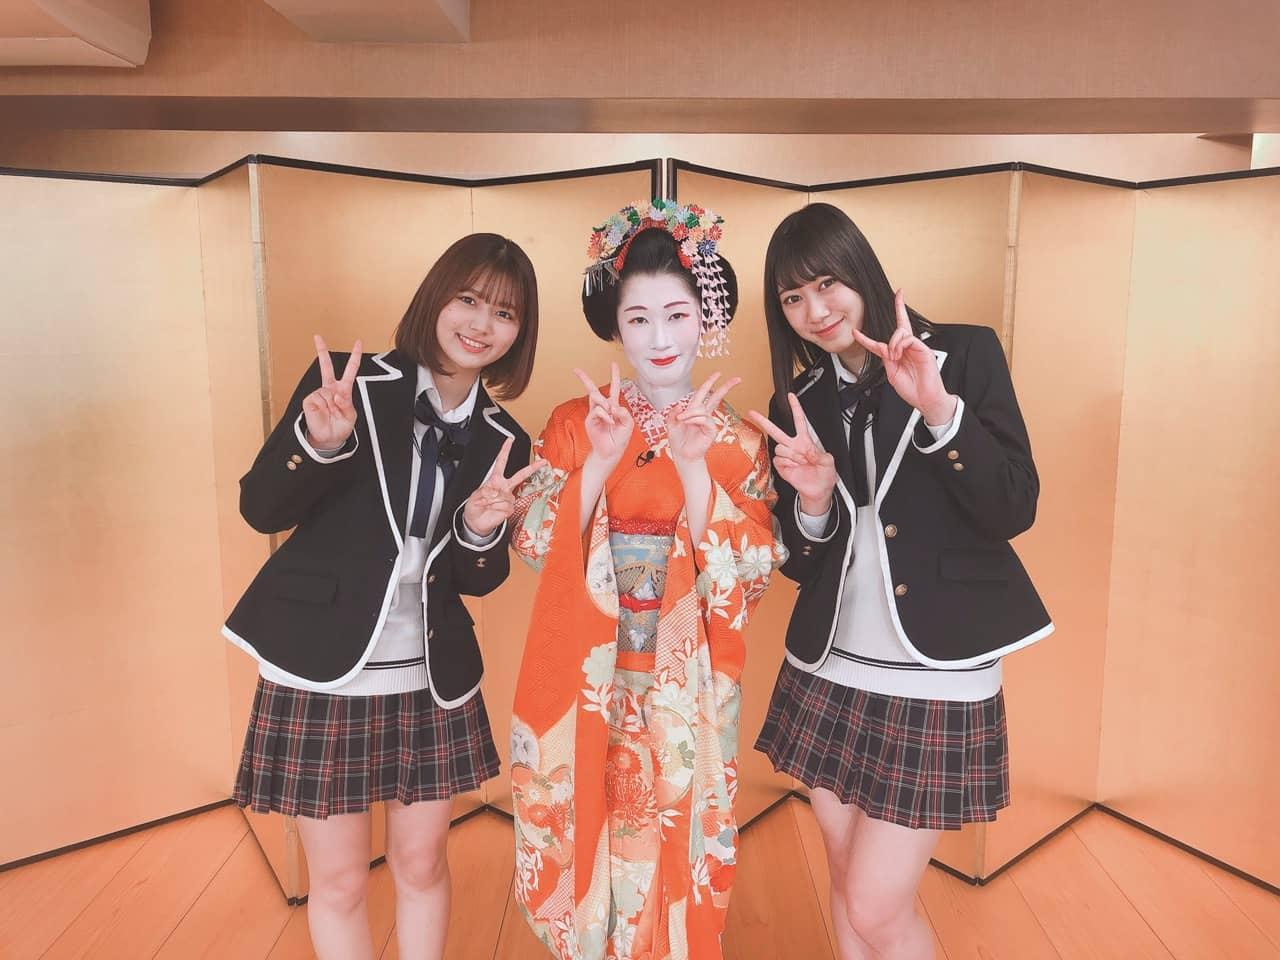 井田玲音名&北野瑠華が舞妓の早紀さんと出会う「SKE48は君と歌いたい」